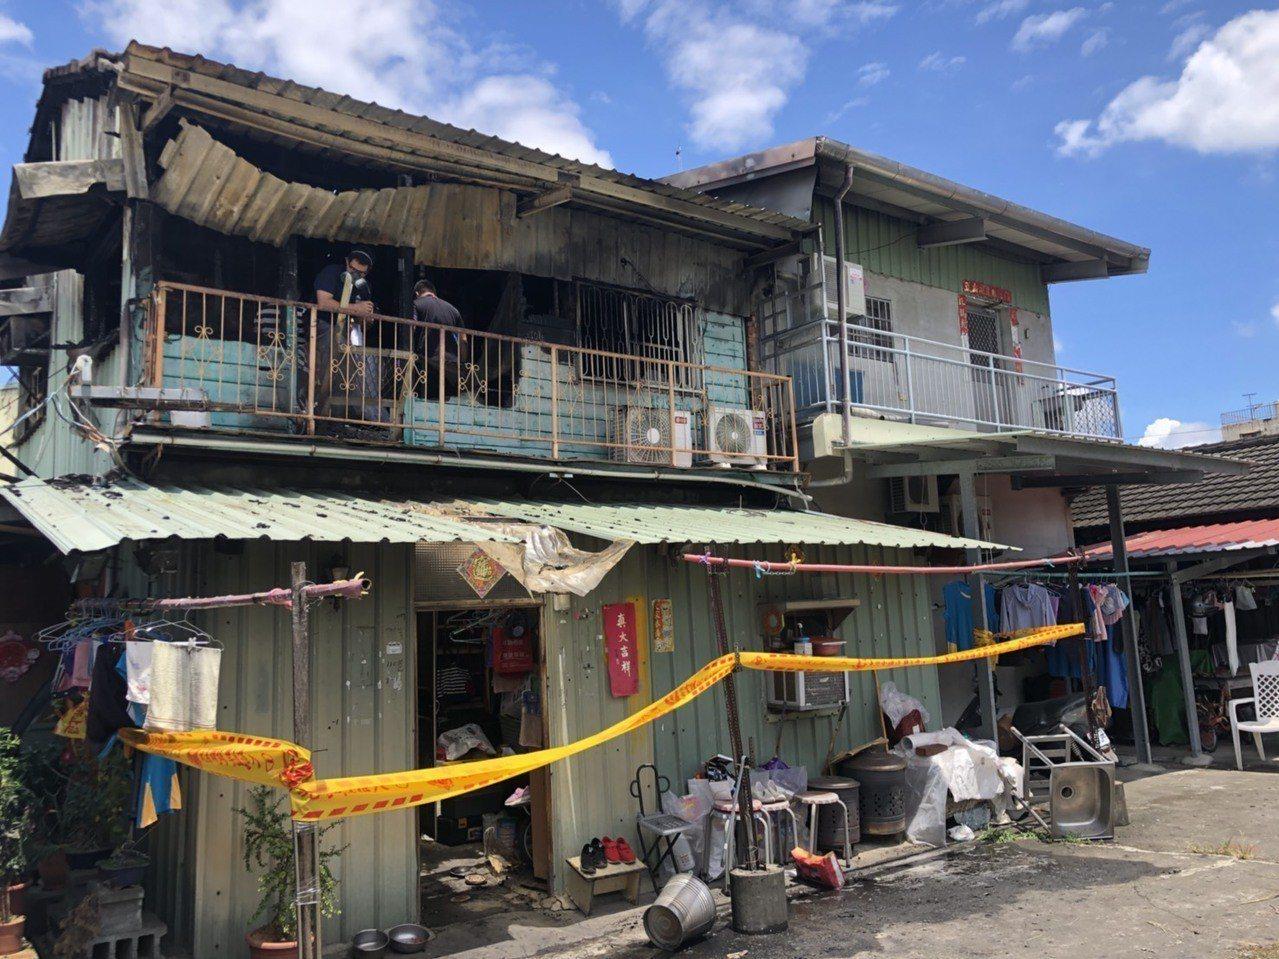 嘉義市美源街日前發生民宅火警,造成2名女童身亡。記者李承穎/攝影